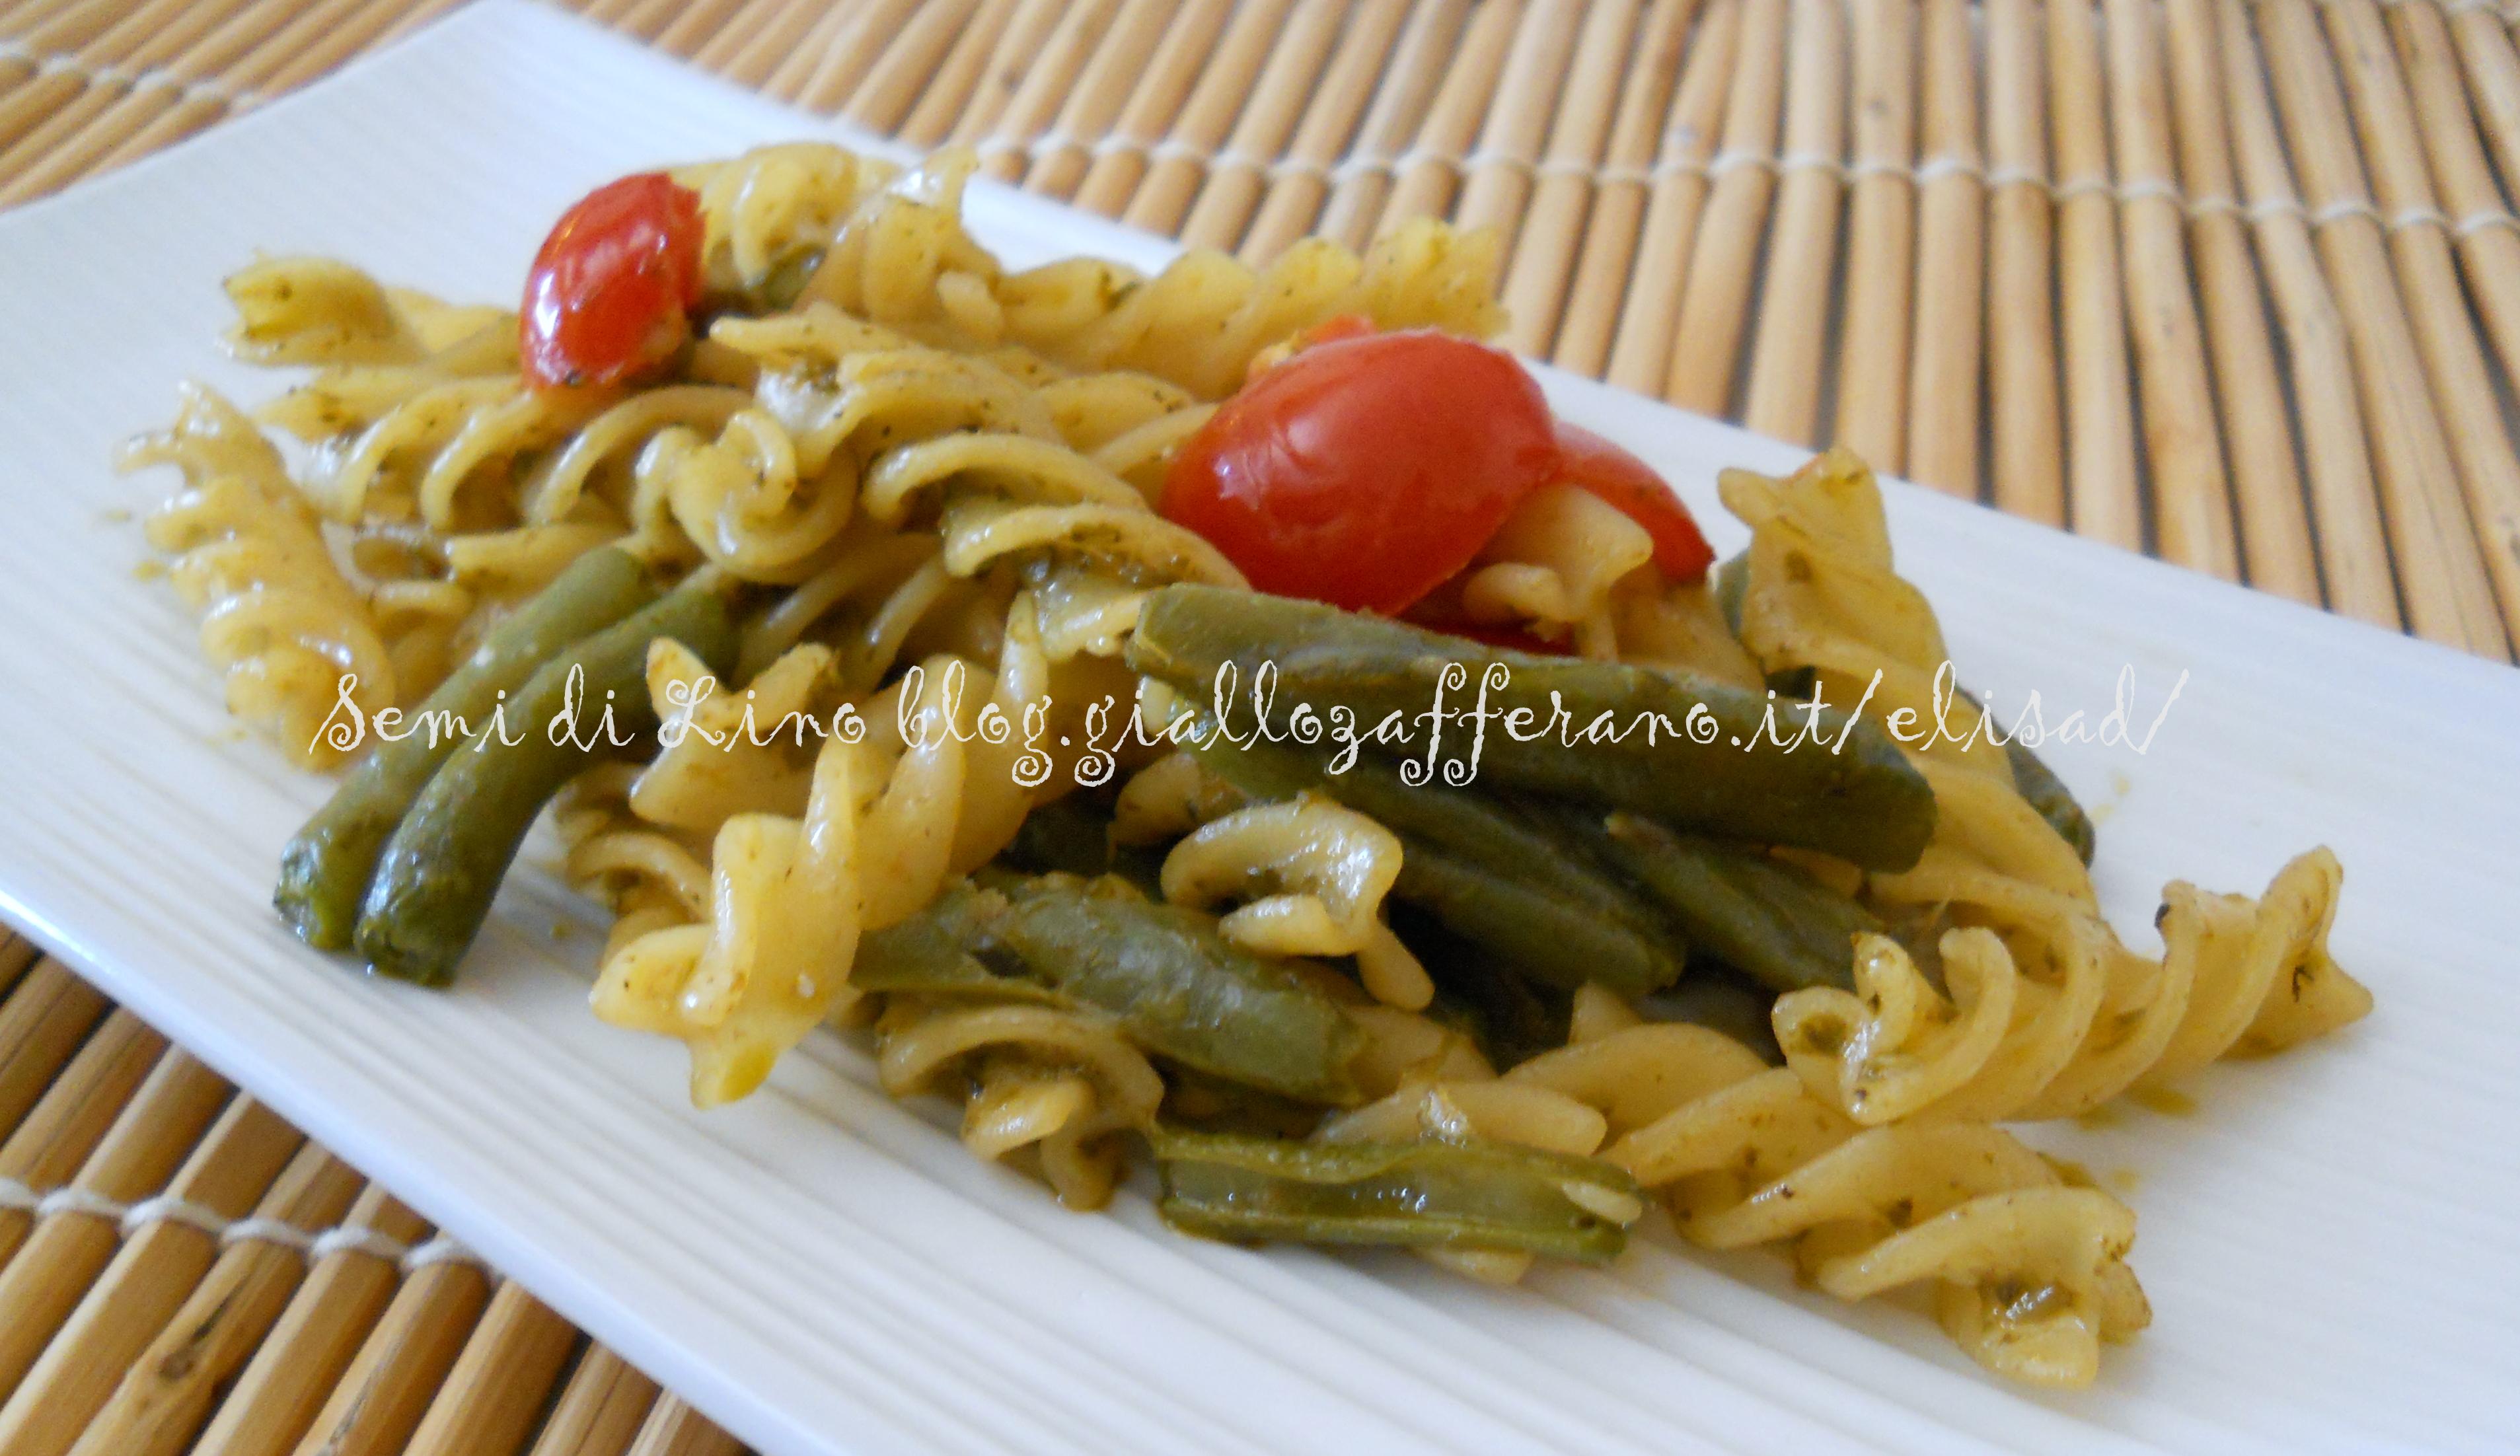 Ricetta pasta con zucchine e fagiolini